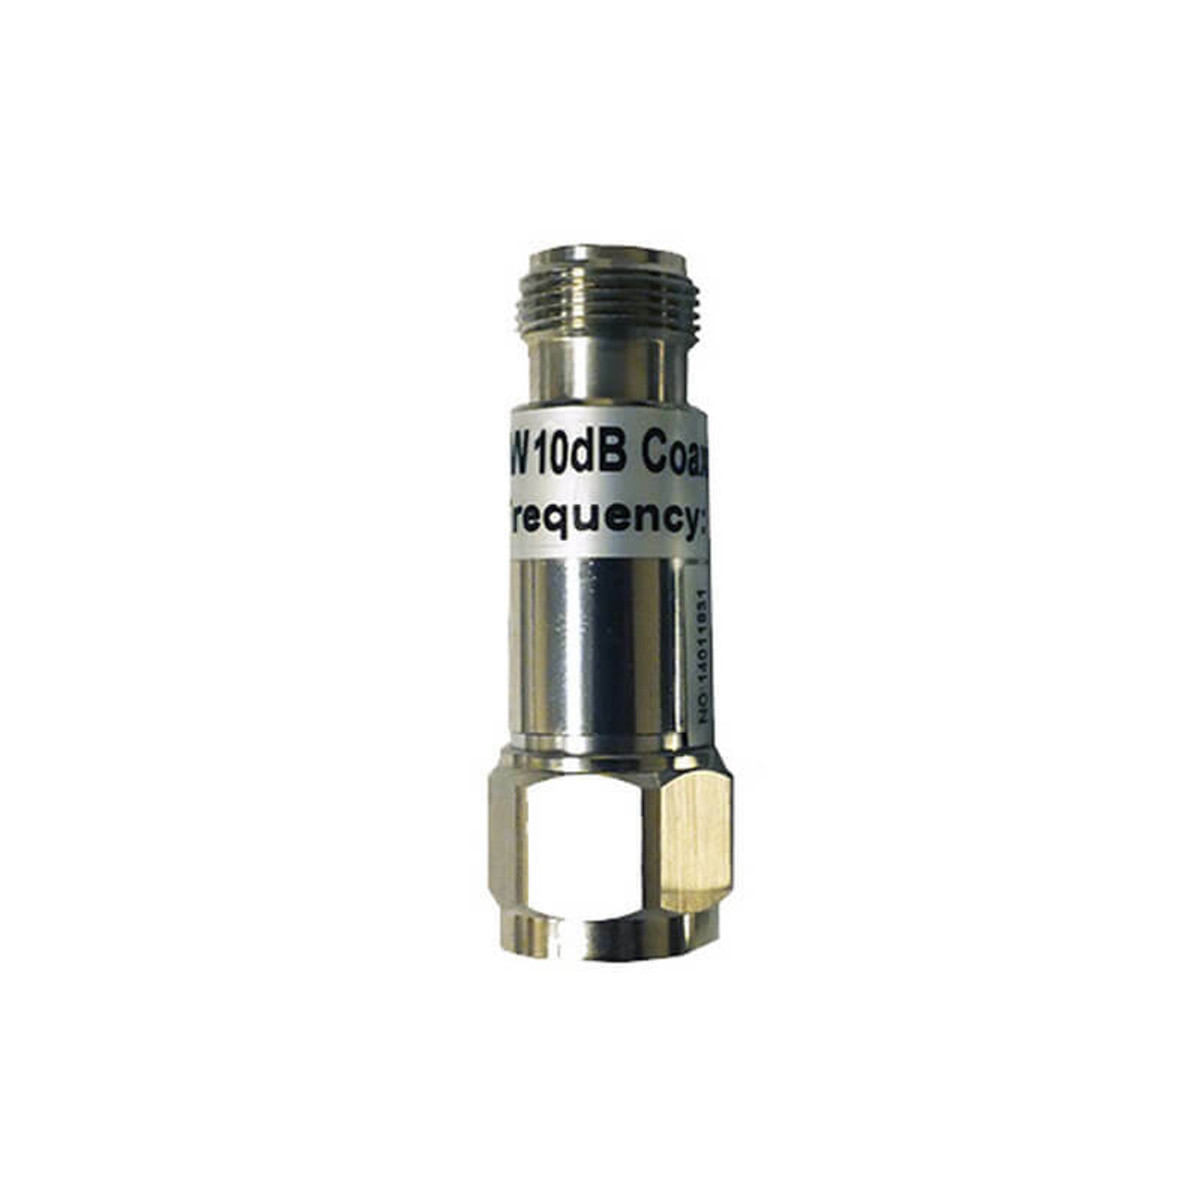 SureCall SureCall 5W RF Attenuator 5dB/10dB/20dB